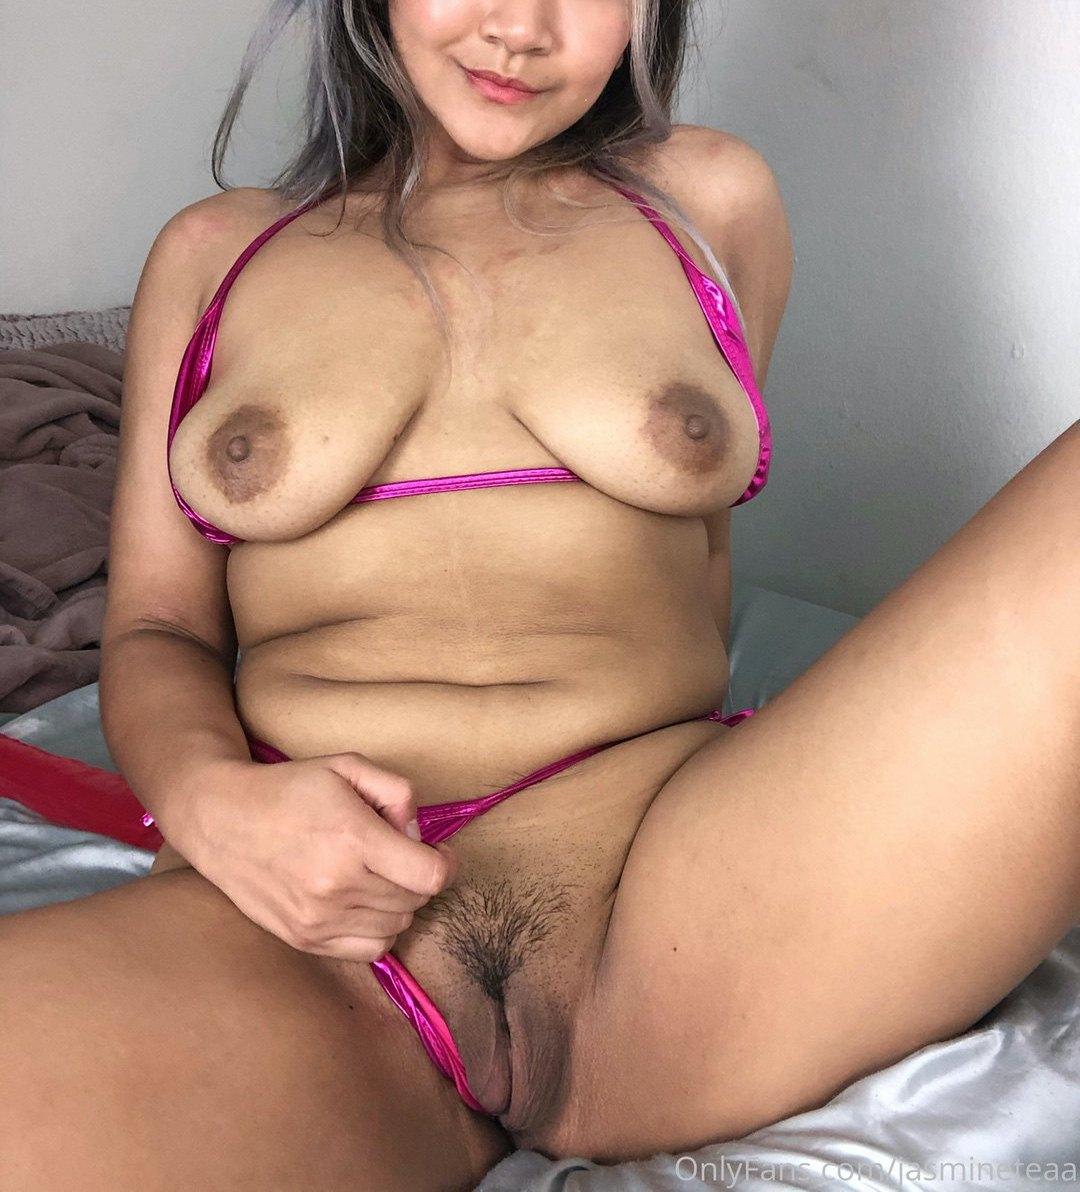 Jasmine Teaa Jasmineteaa Onlyfans Nudes Leaks 0022